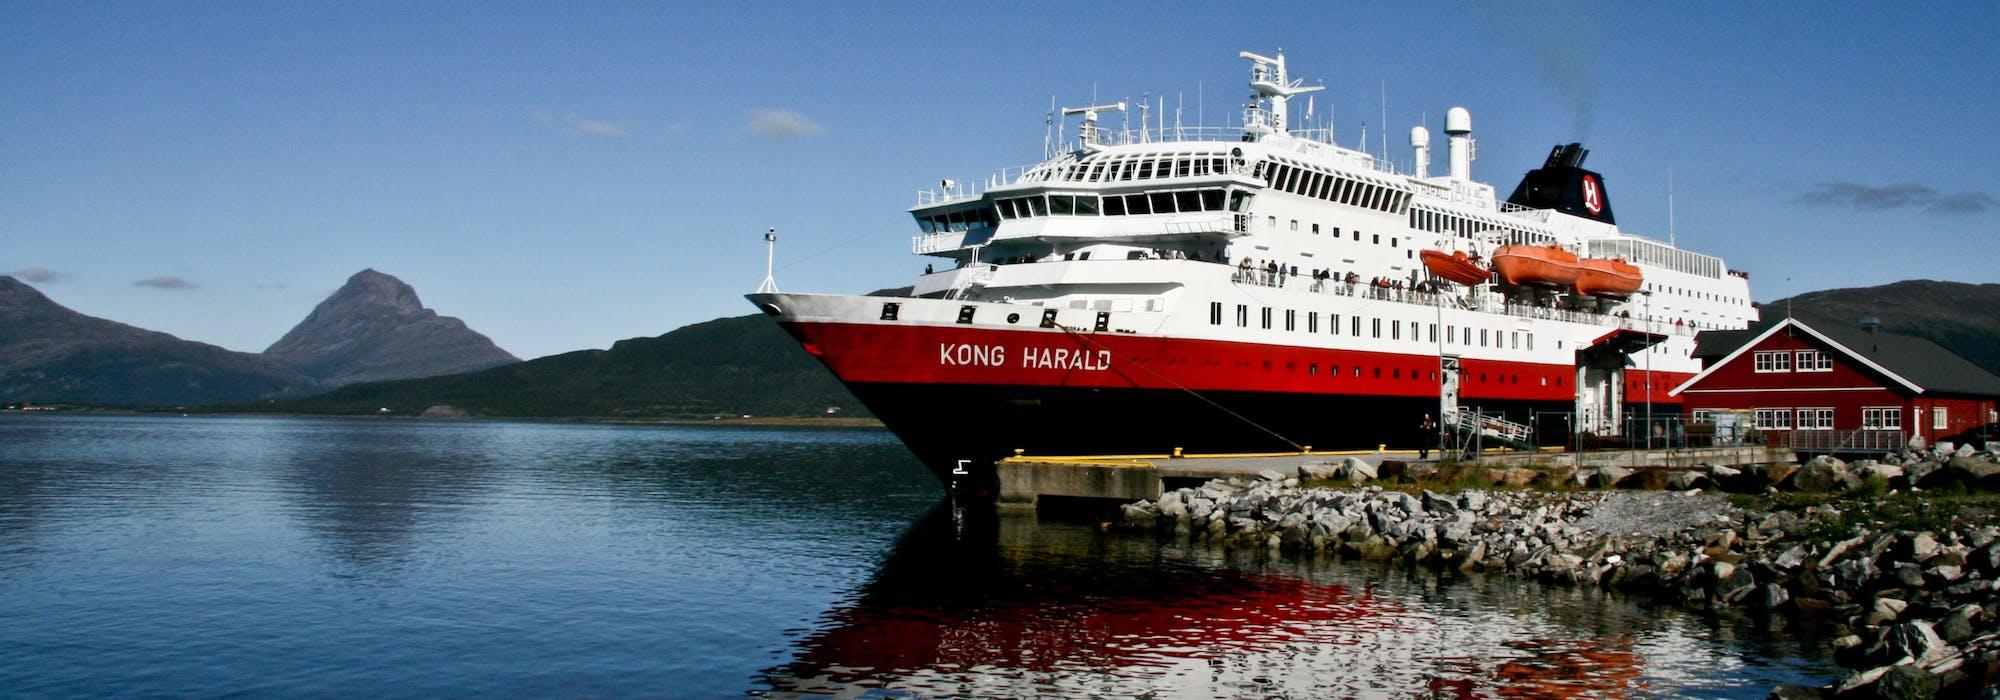 Fartyget MS Kong Harald står ankrad vid en lite hamn. I bakgrunden syns berg och grönska.